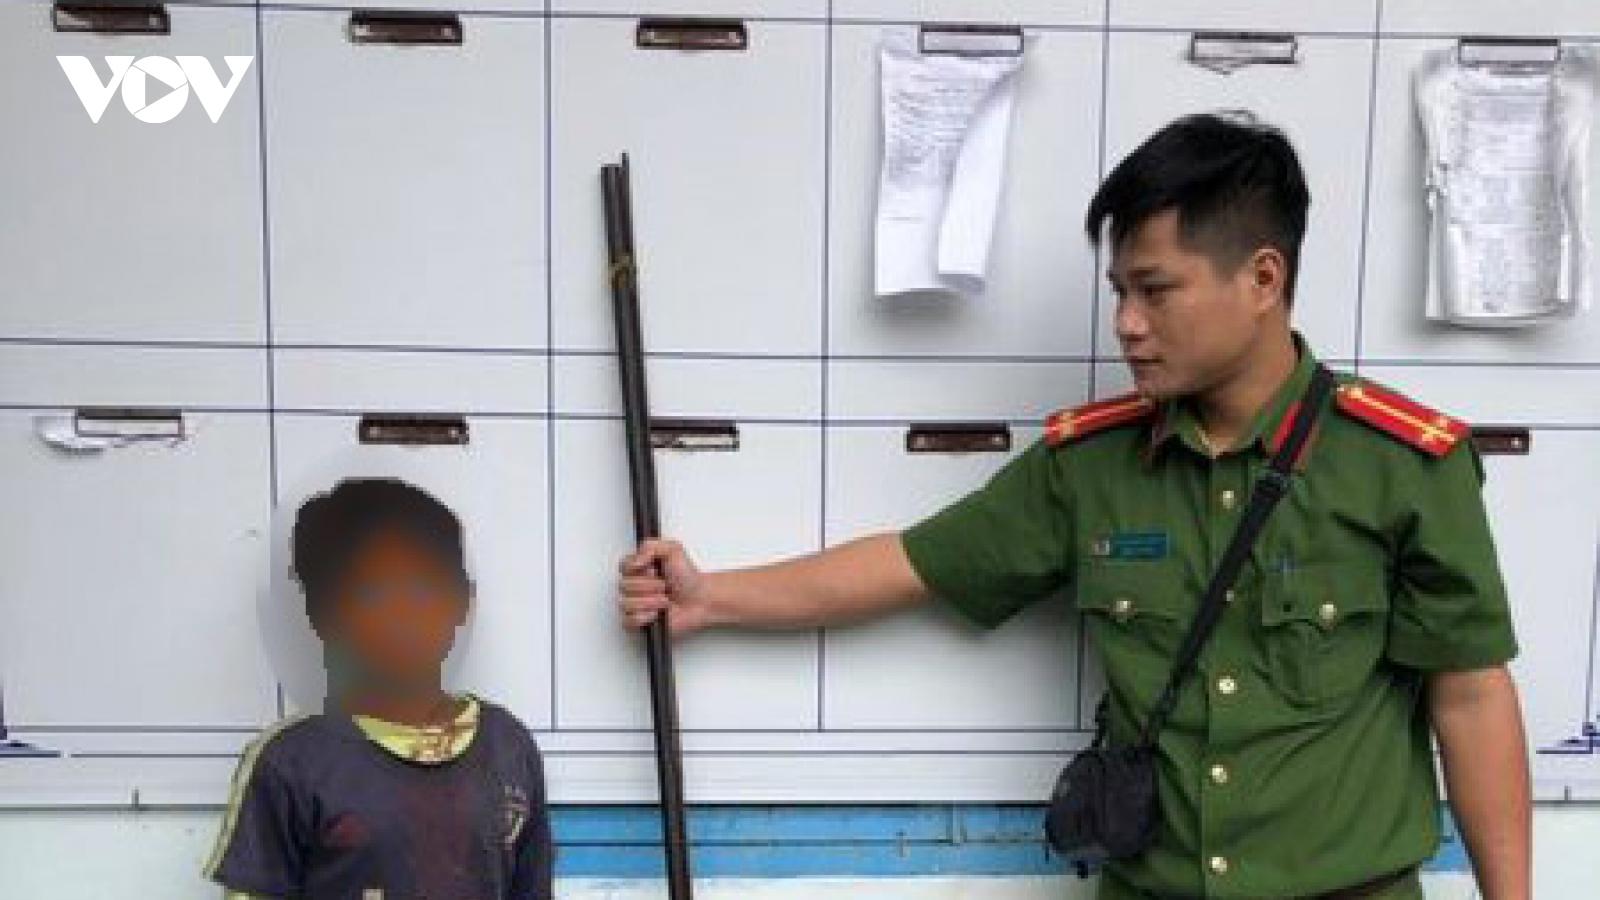 Bé trai 10 tuổi dùng súng tự chế bắn gây thương tích cho 3 người